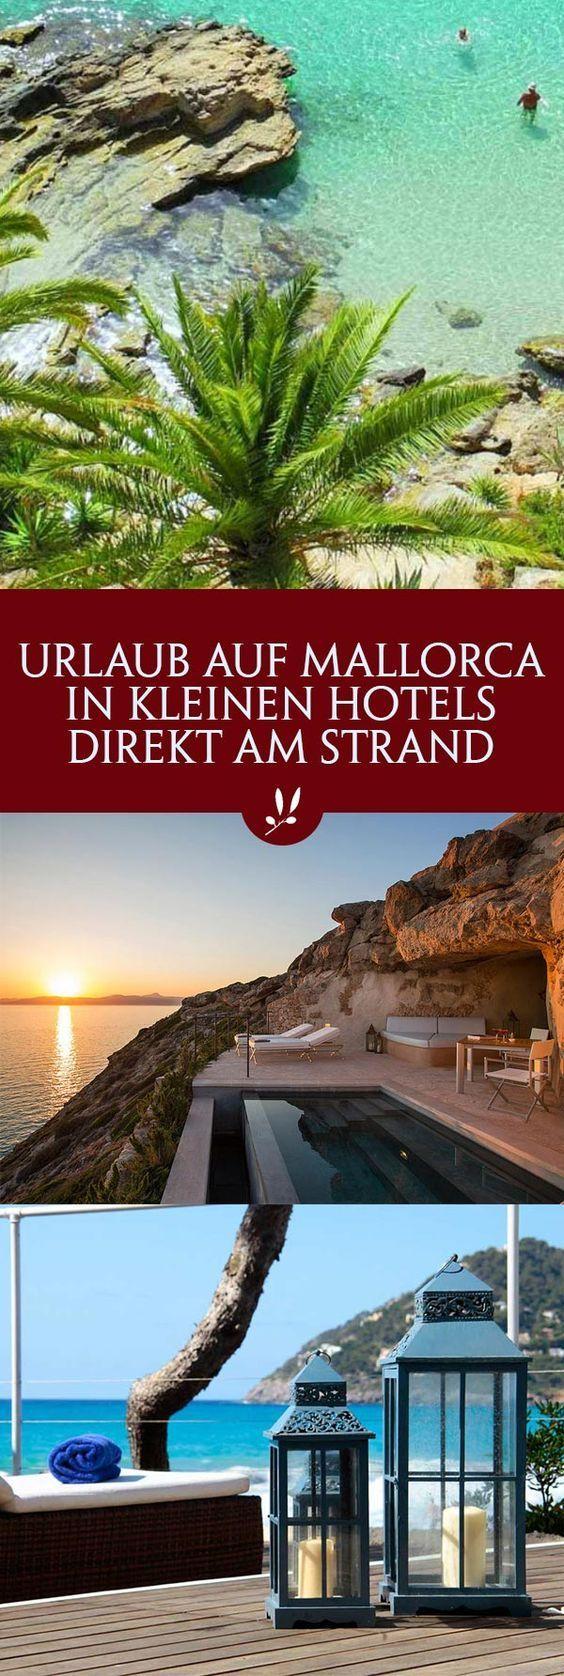 Über 100 Strände auf Mallorca locken viele Urlau…